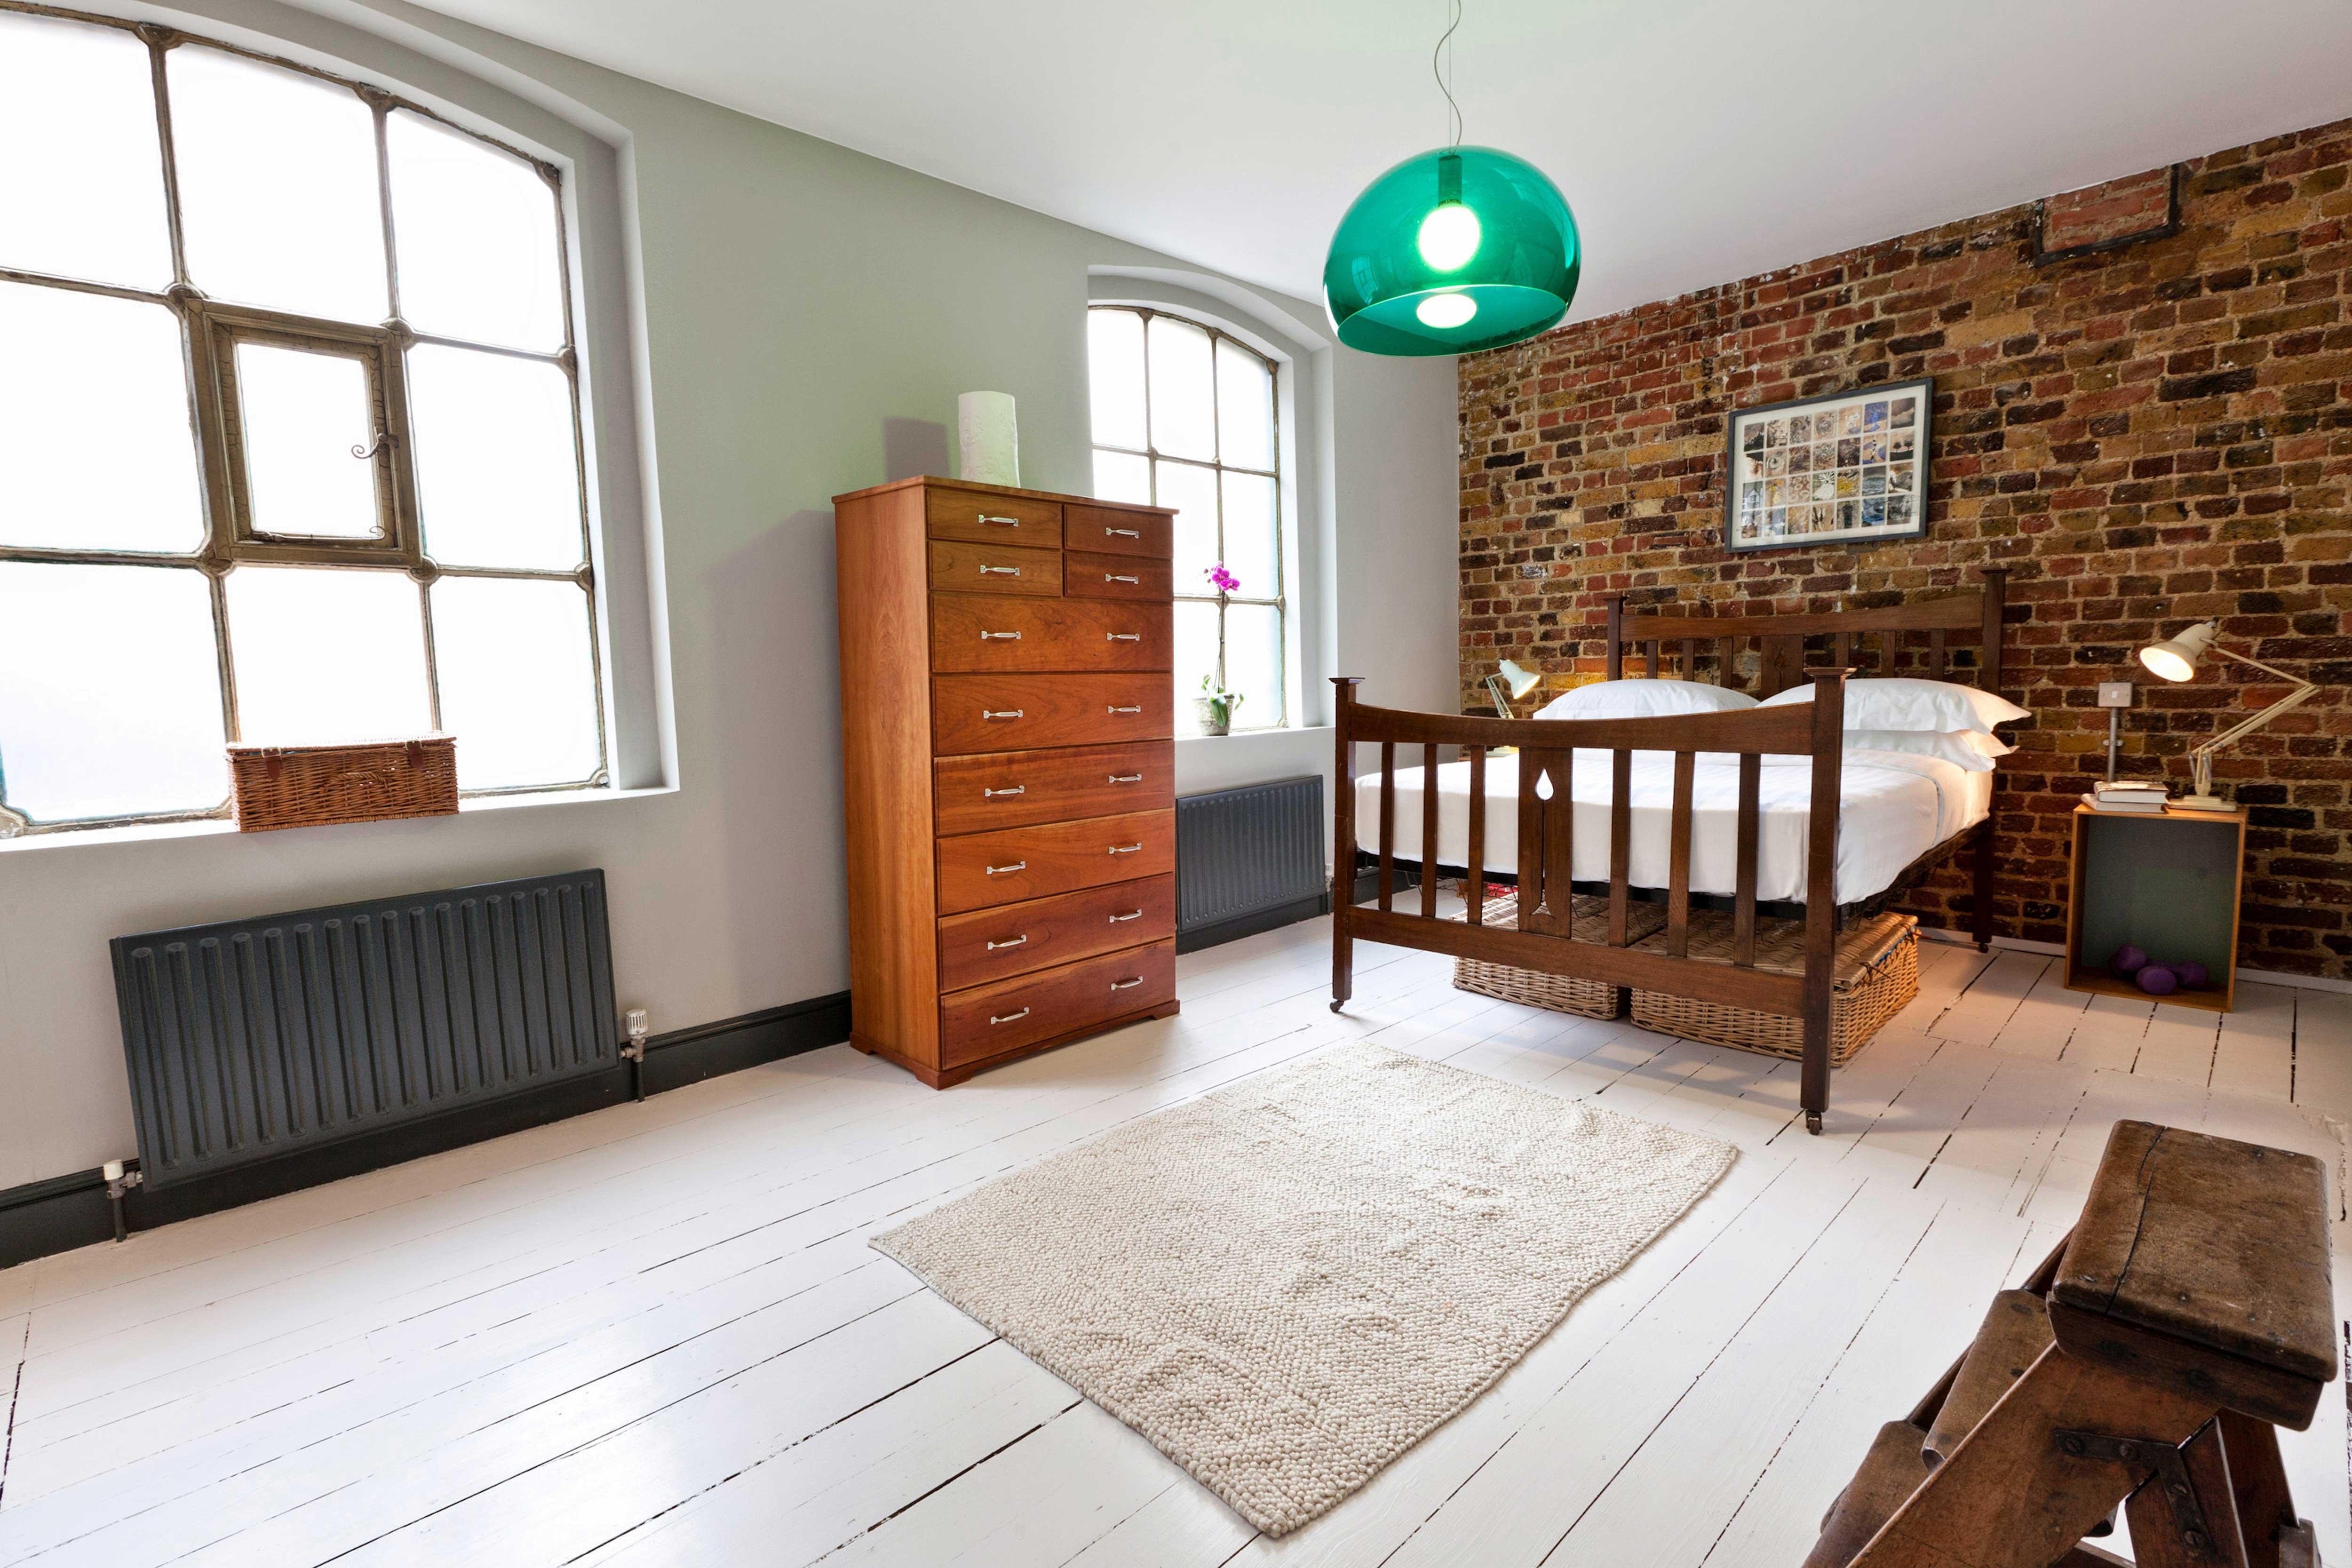 Chambre du loft avec un mur en brique - Chambre a louer a londres ...